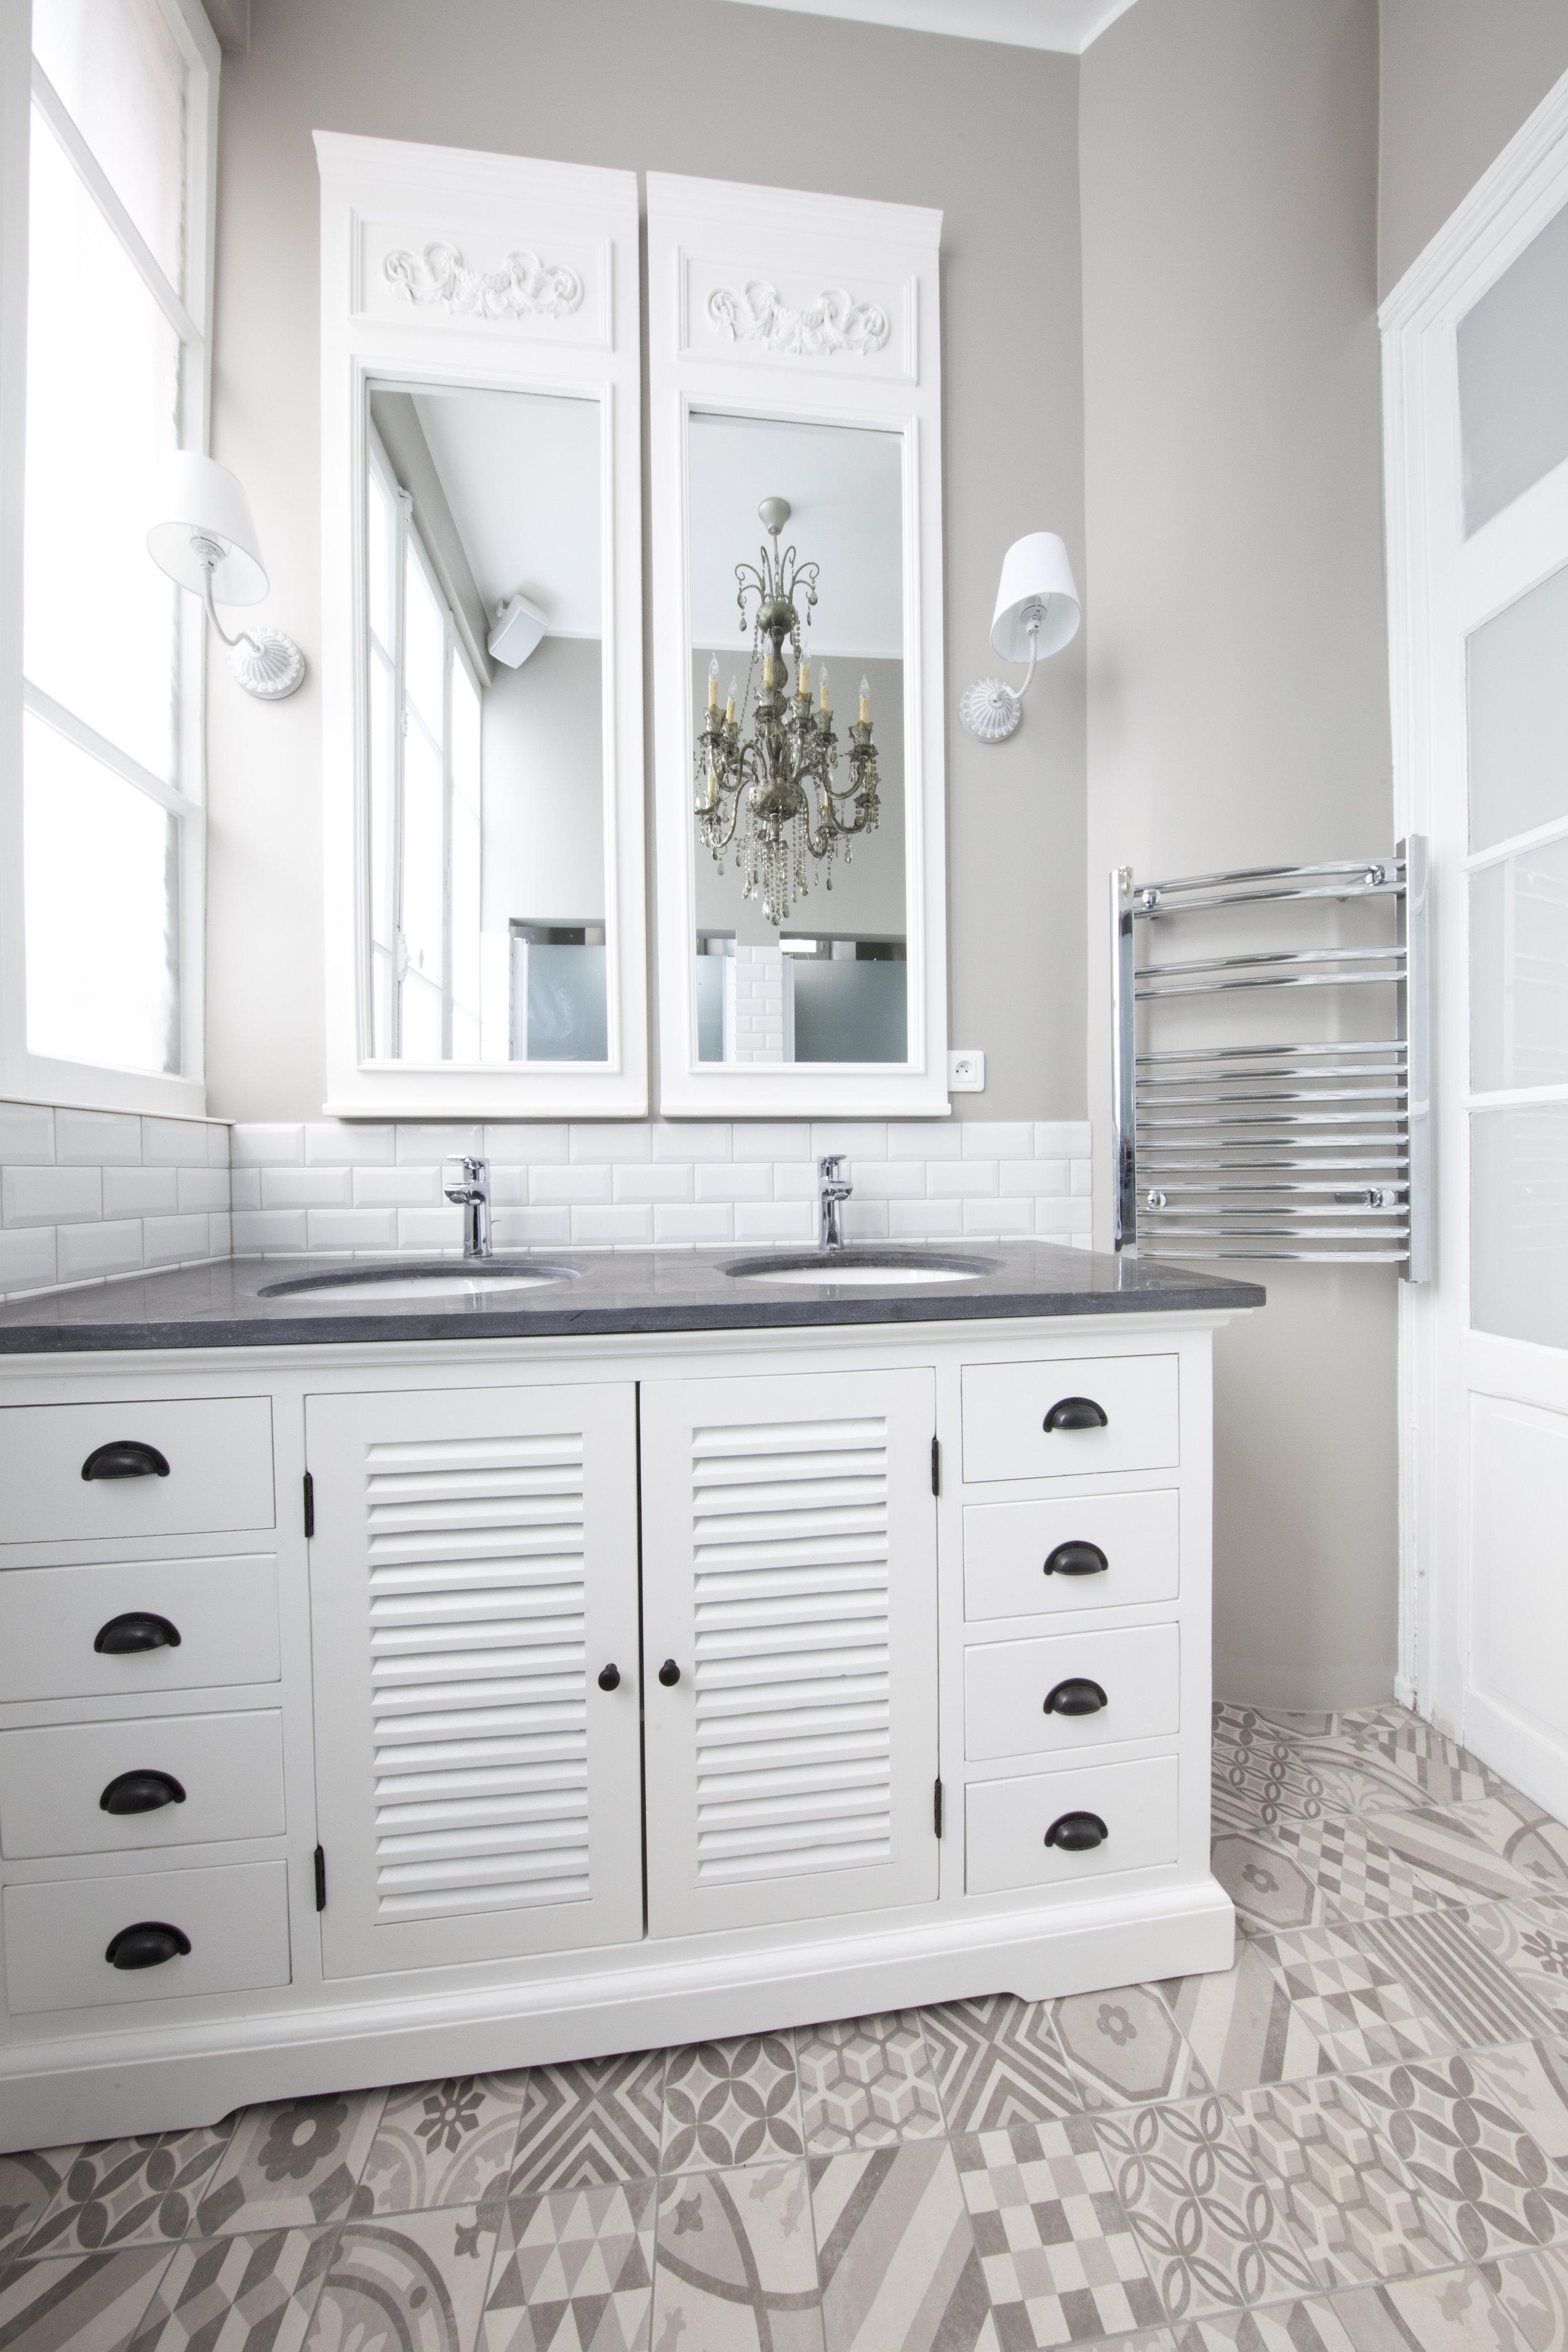 LAD_HUNT_Bathroom.jpg